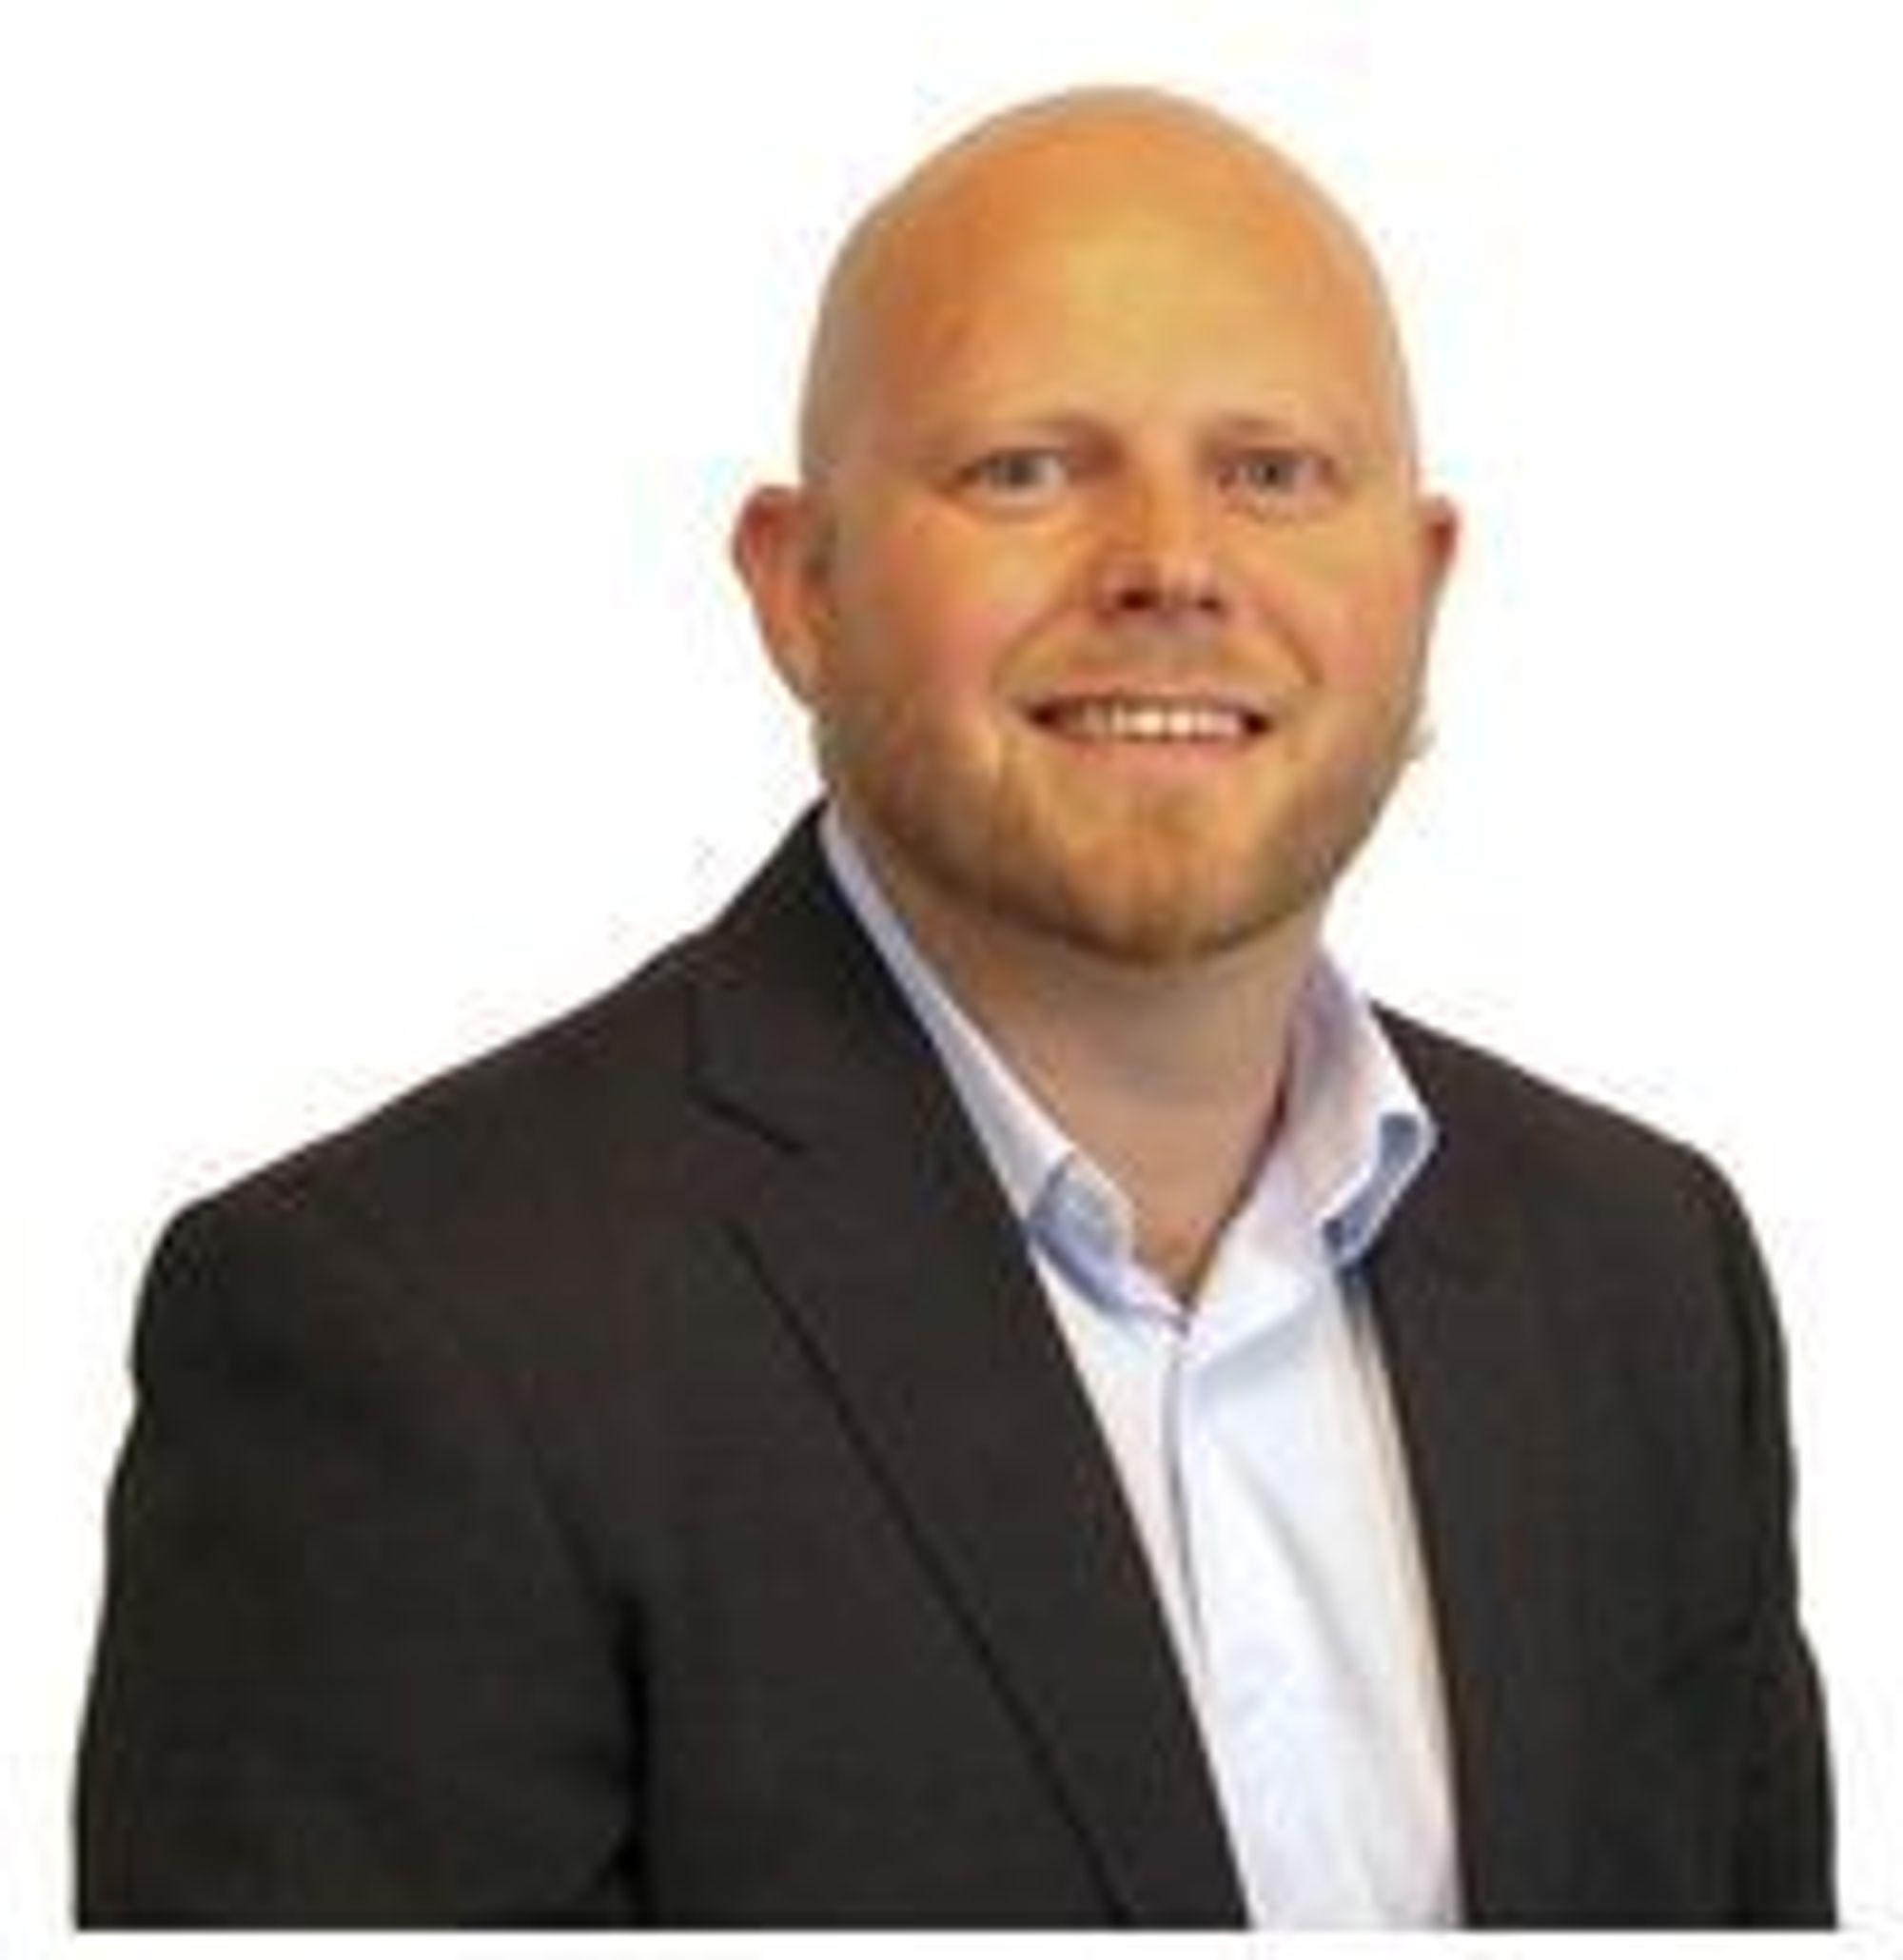 Tor-Ludvig Wårøy introduserer et nytt mobilmerke på det norske markedet.